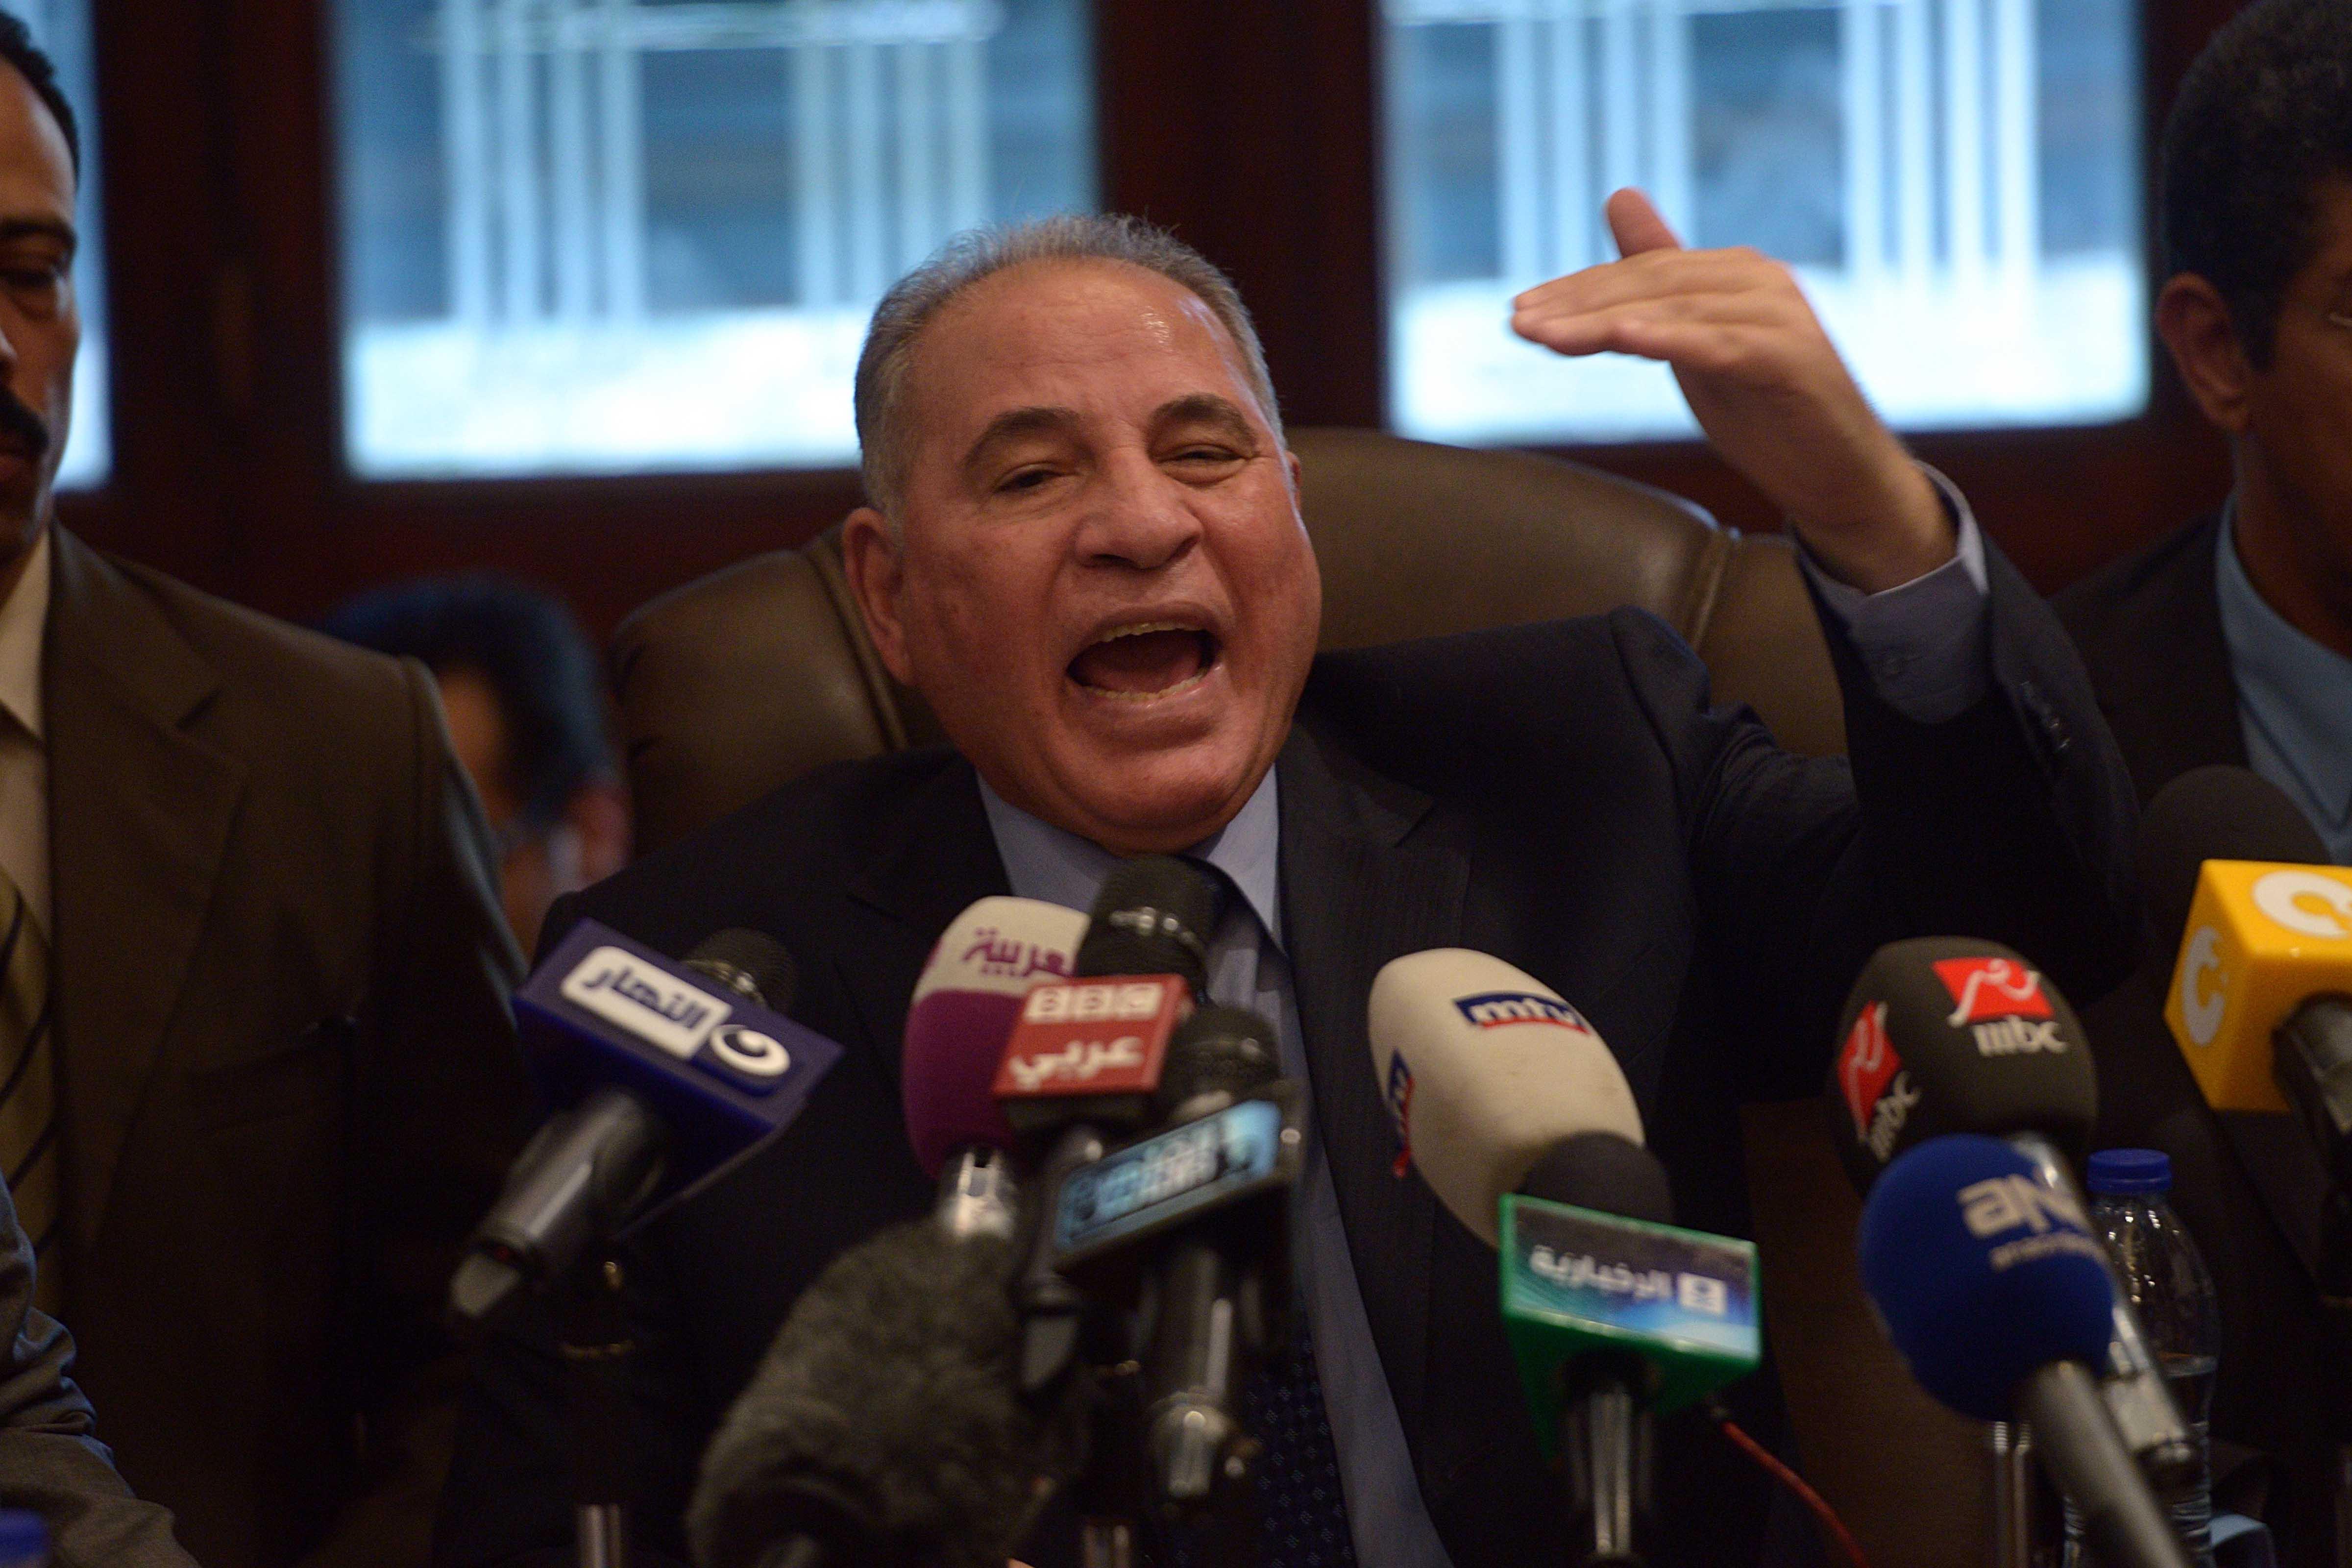 فاشية وزراء السيسي.. وزير العدل: قتل 10 آلاف إخواني مقابل كل جندي